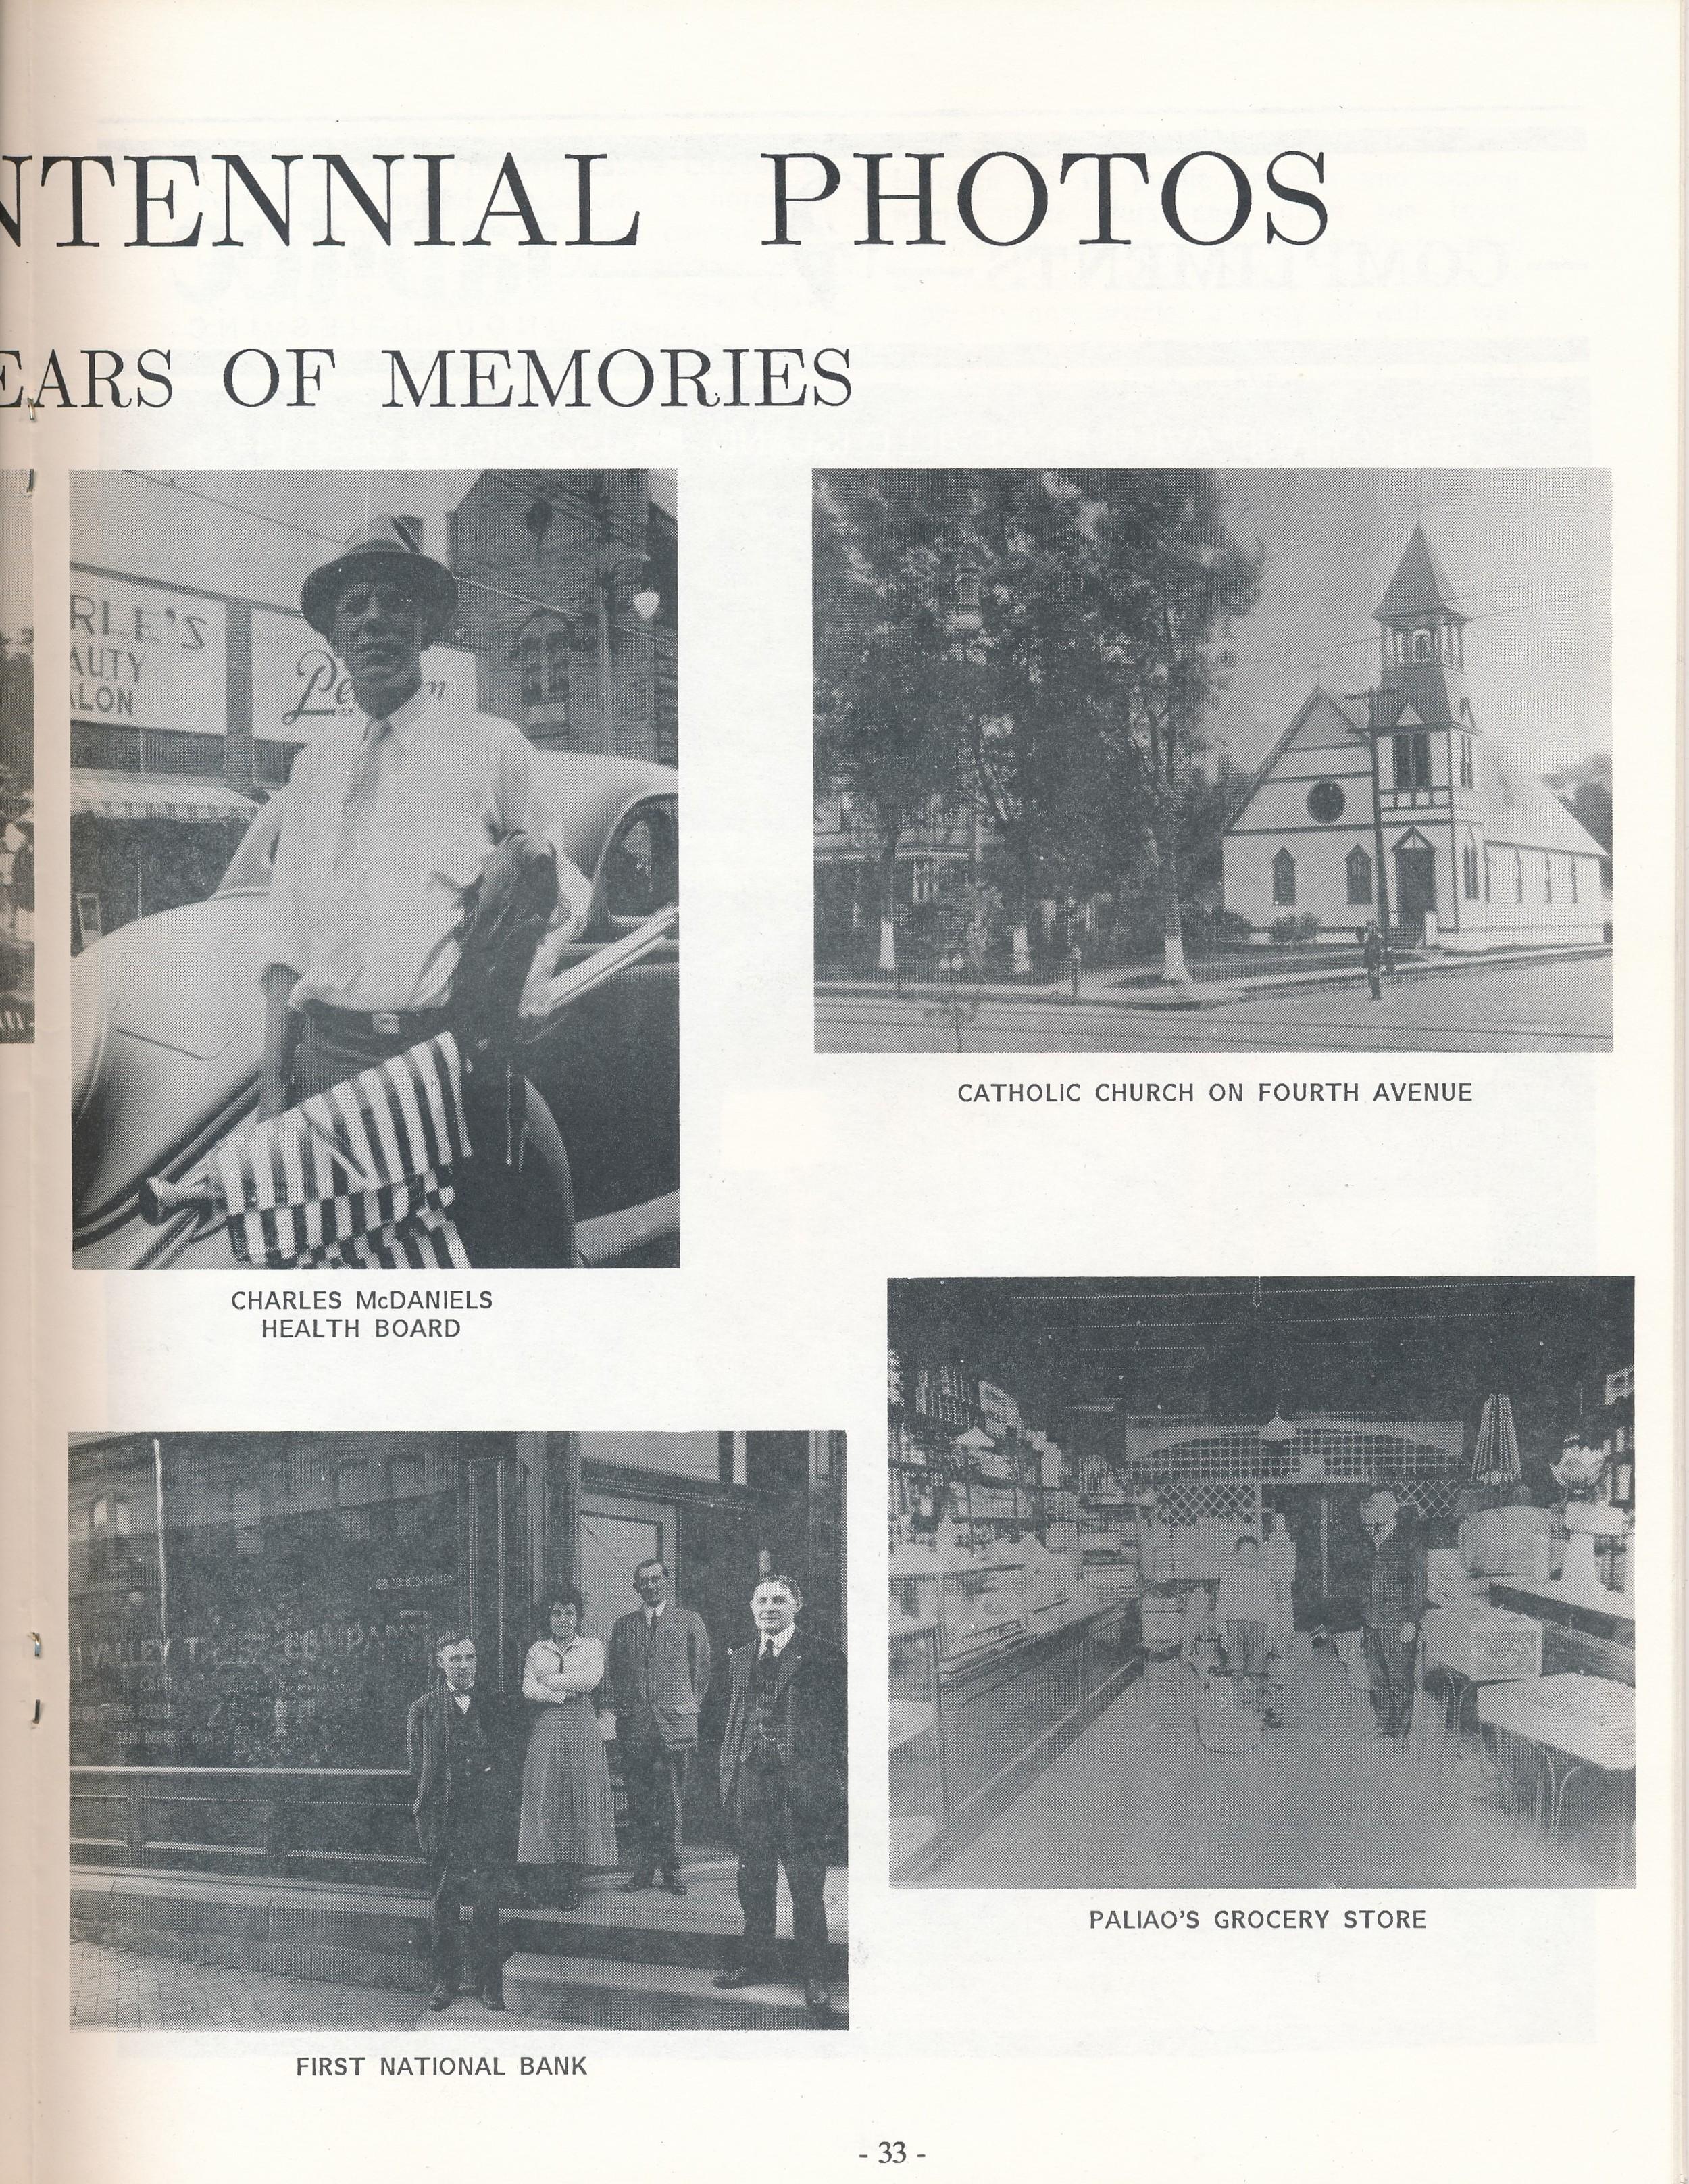 Coraopolis Centennial Booklet (35).jpg